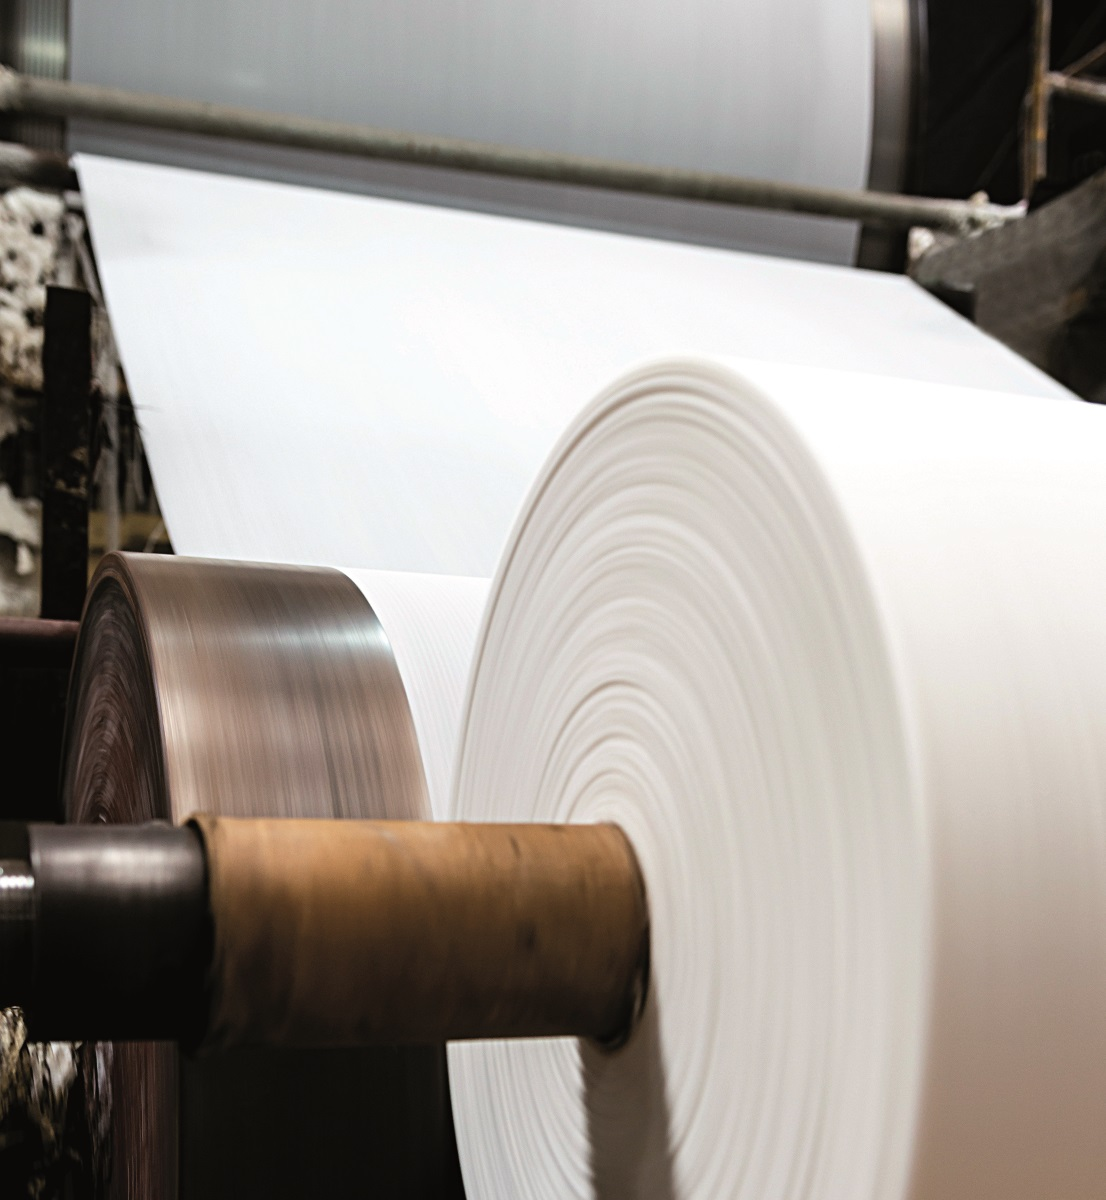 Química e Derivados, Celulose & Papel: Competitividade setorial pede reforço ao desenvolvimento de tecnologias inovadoras